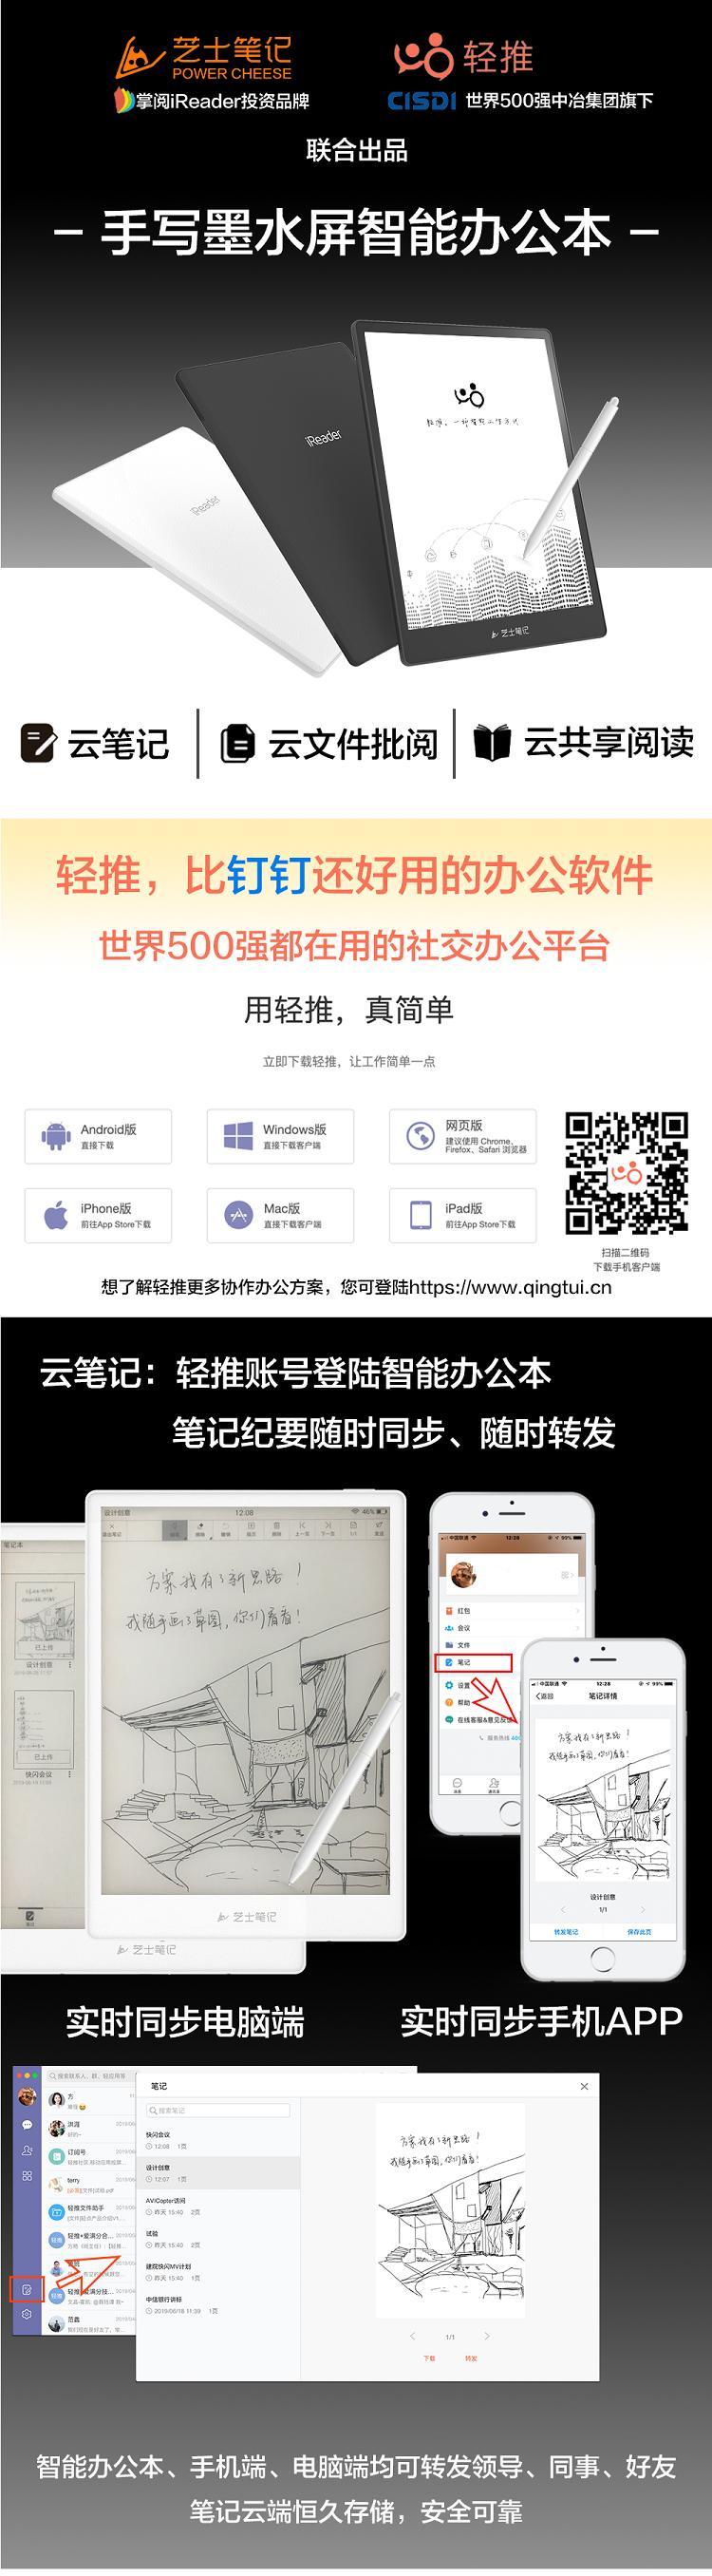 芝士笔记-轻推版智能办公本-官网,官方淘宝店 电子笔记 第1张